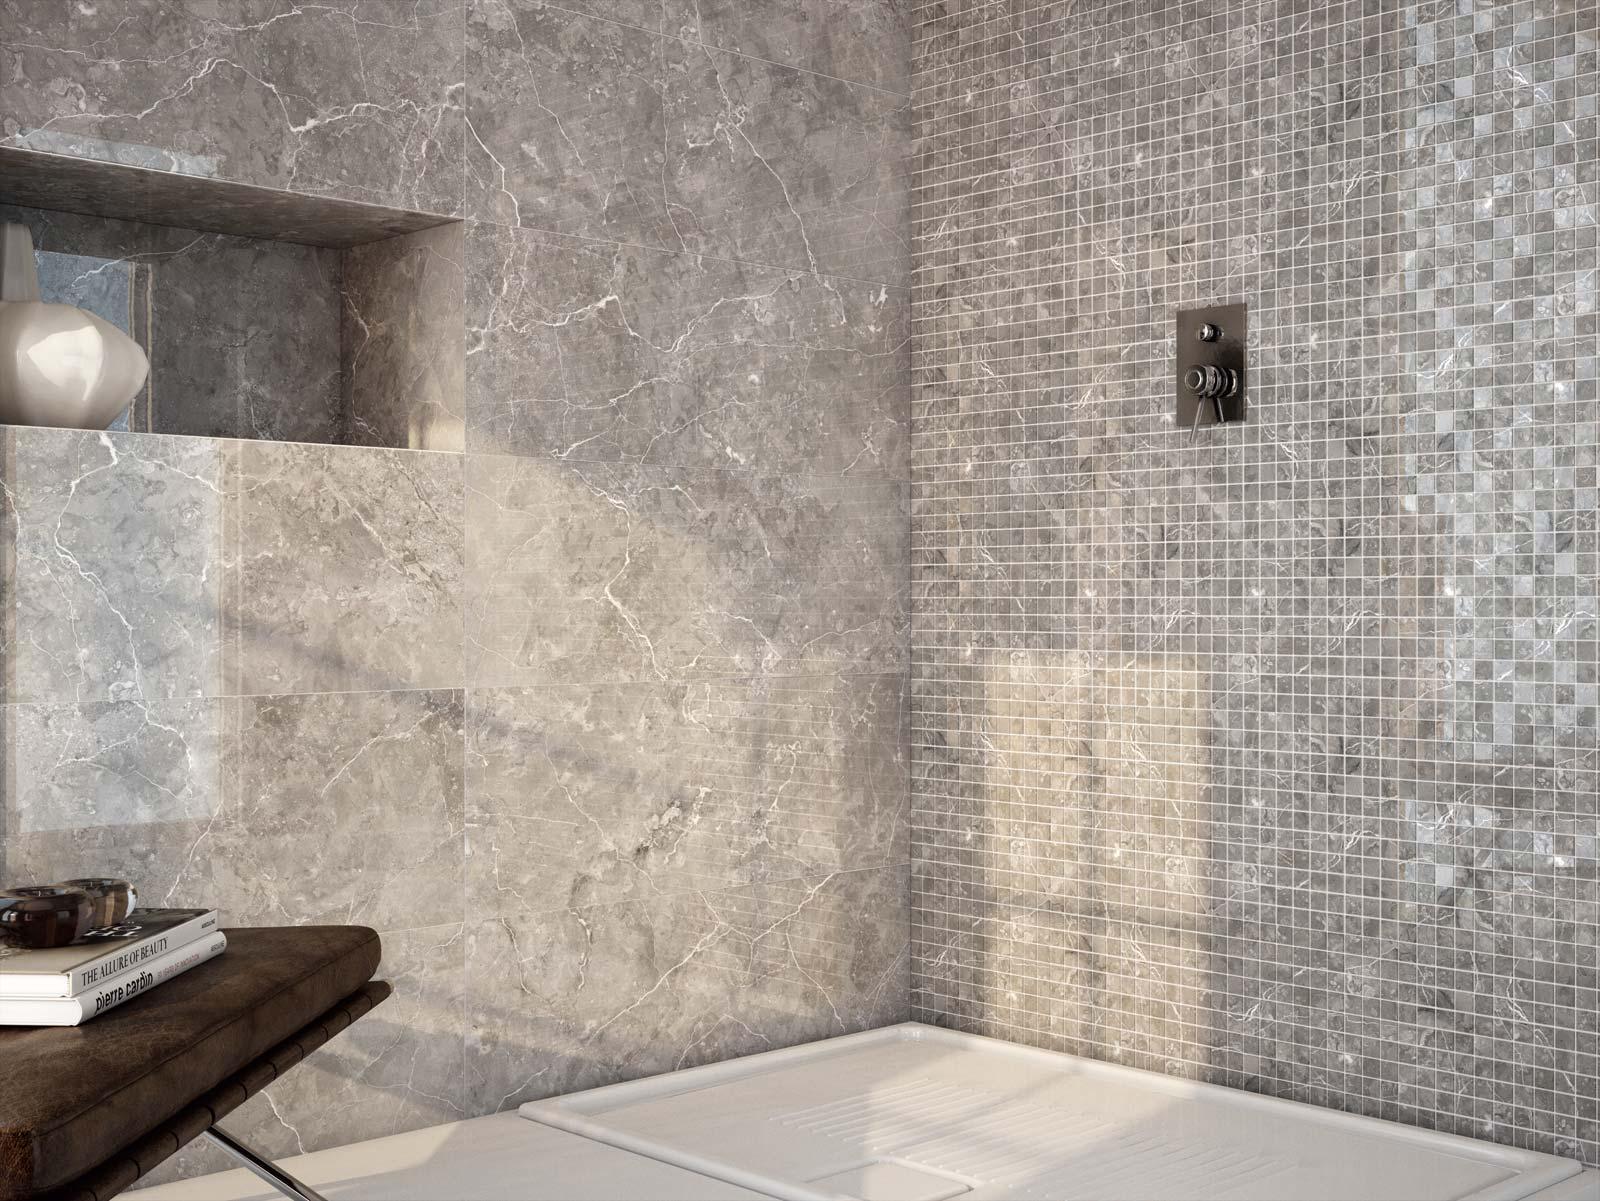 Perseo piastrelle lucide effetto marmo marazzi